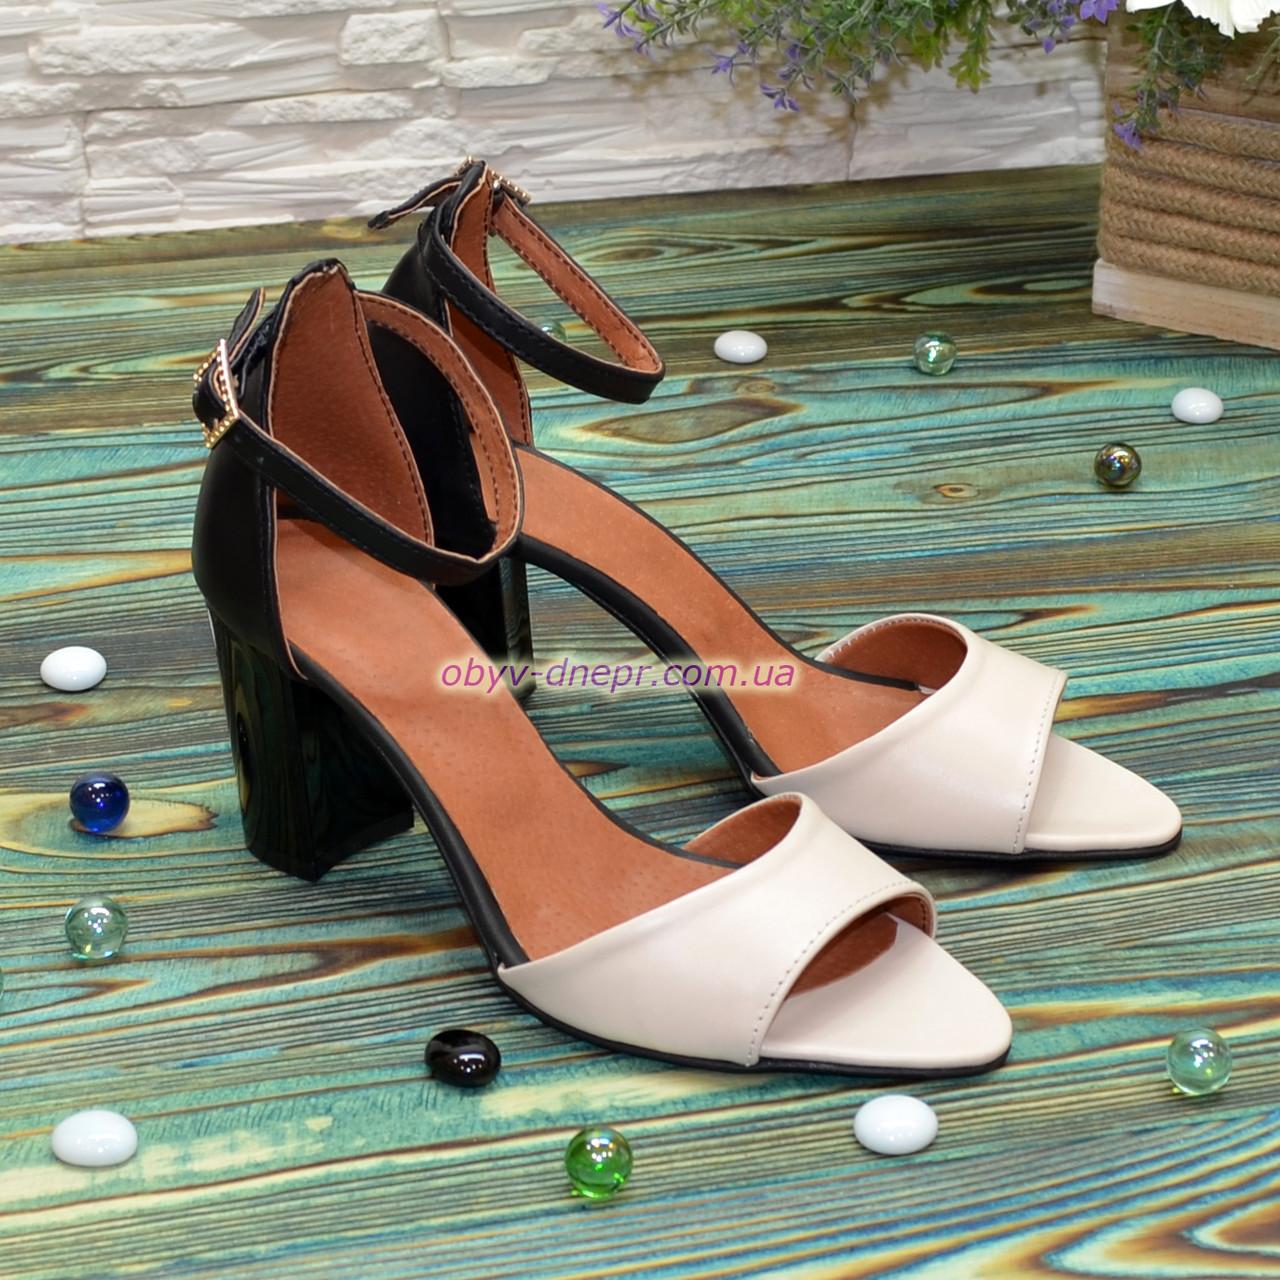 Босоножки женские кожаные на каблуке, цвет бежевый/черный